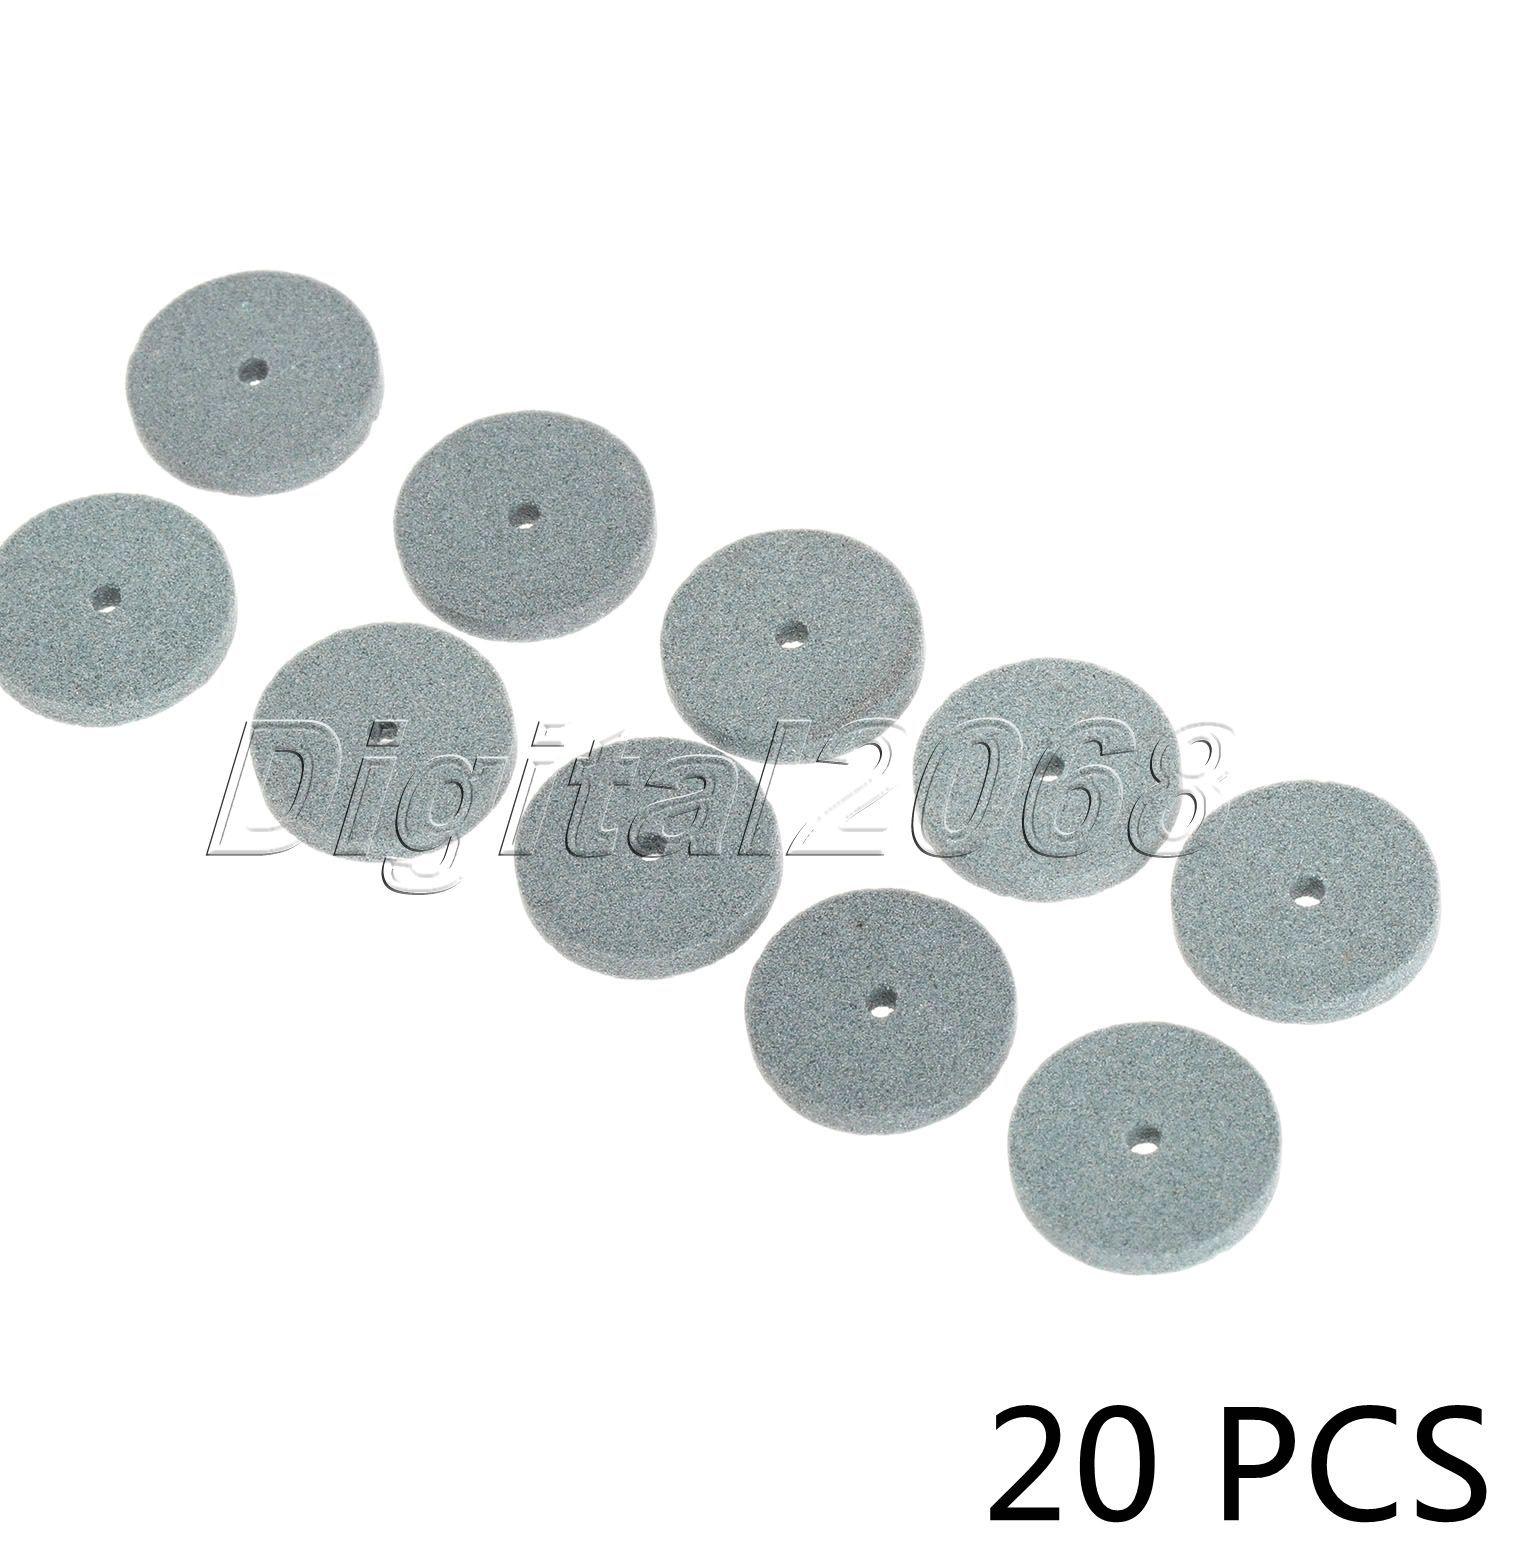 Dremel Joint Carrelage Impressionnant Photos ᑎ‰20 Pcs Set Mini Vert Meule Polissage Monté Pierre Outils Abrasifs